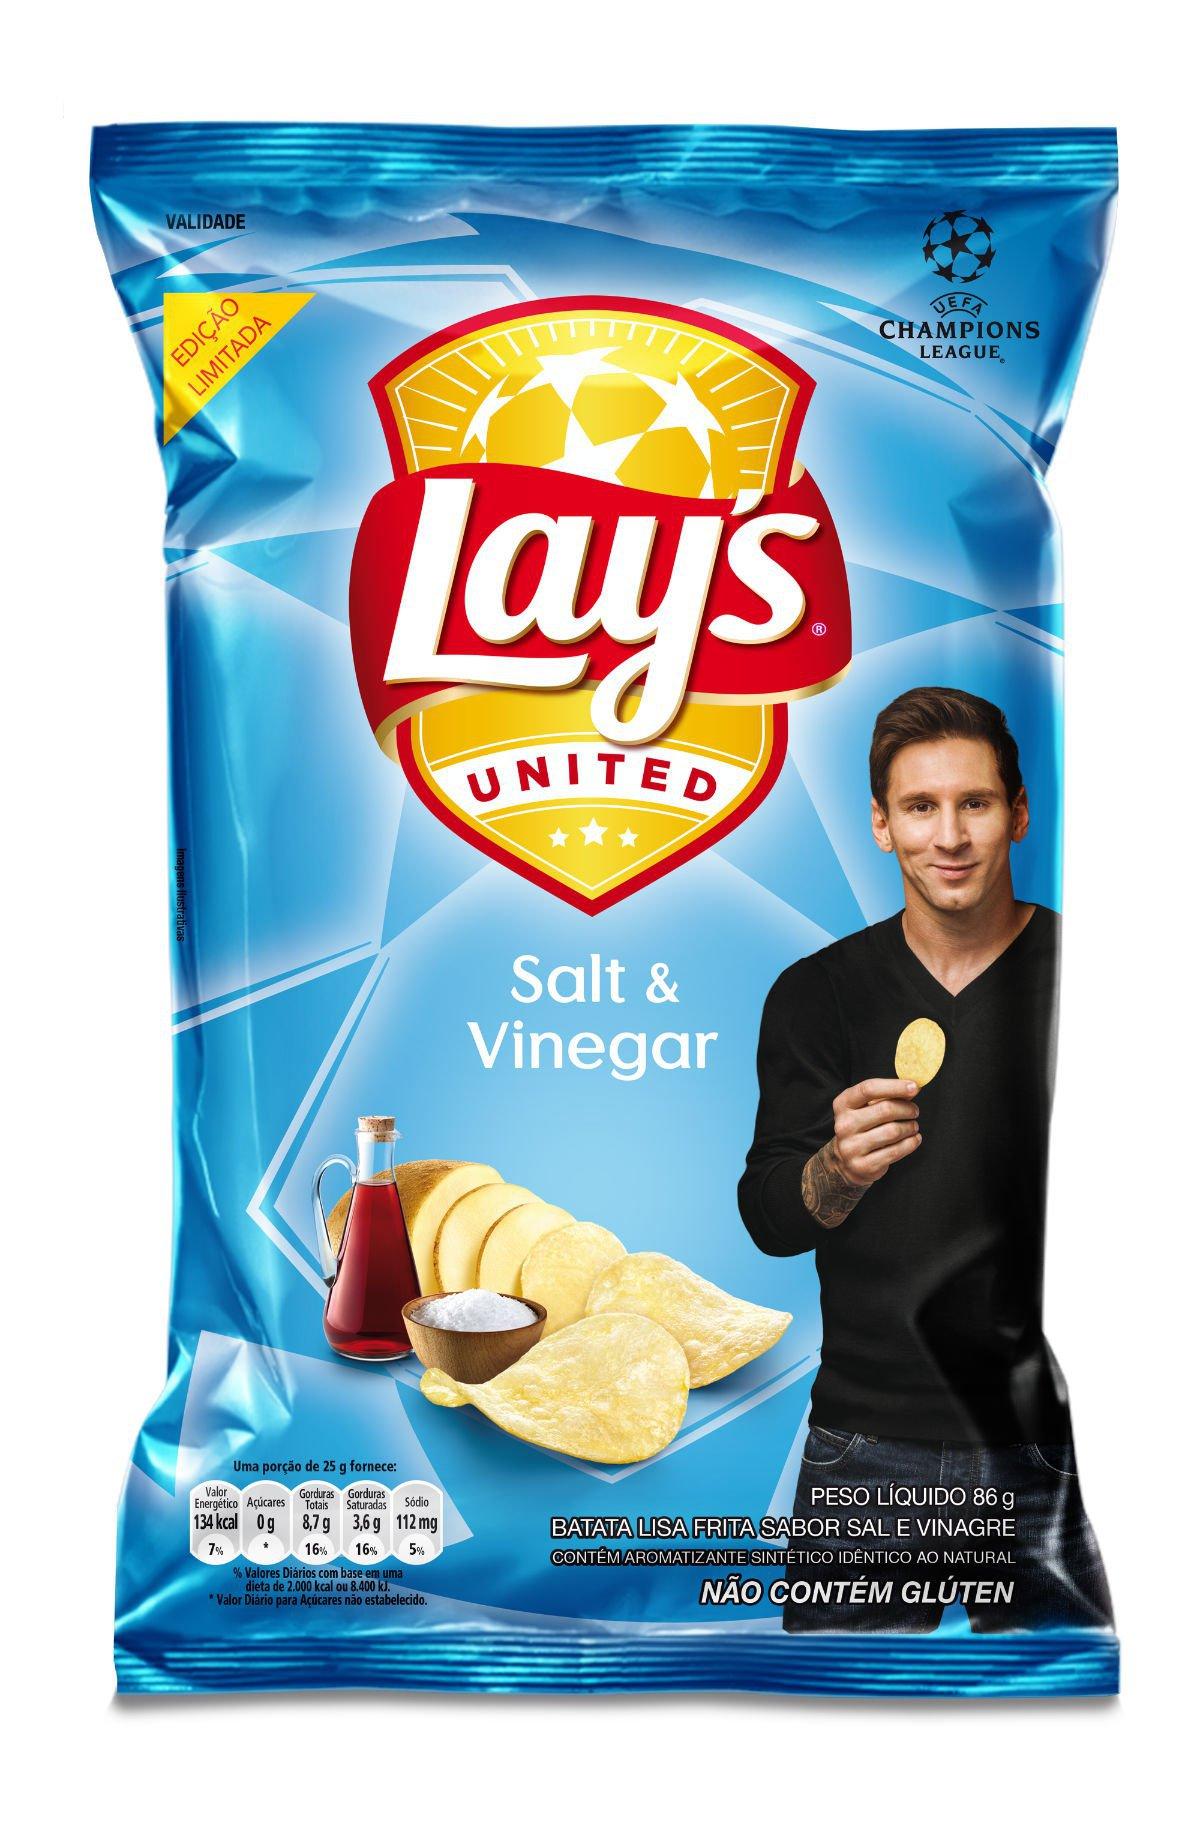 Lay's Salt & Vinegar: sabor chega ao Brasil em campanha com Lionel Messi e UEFA